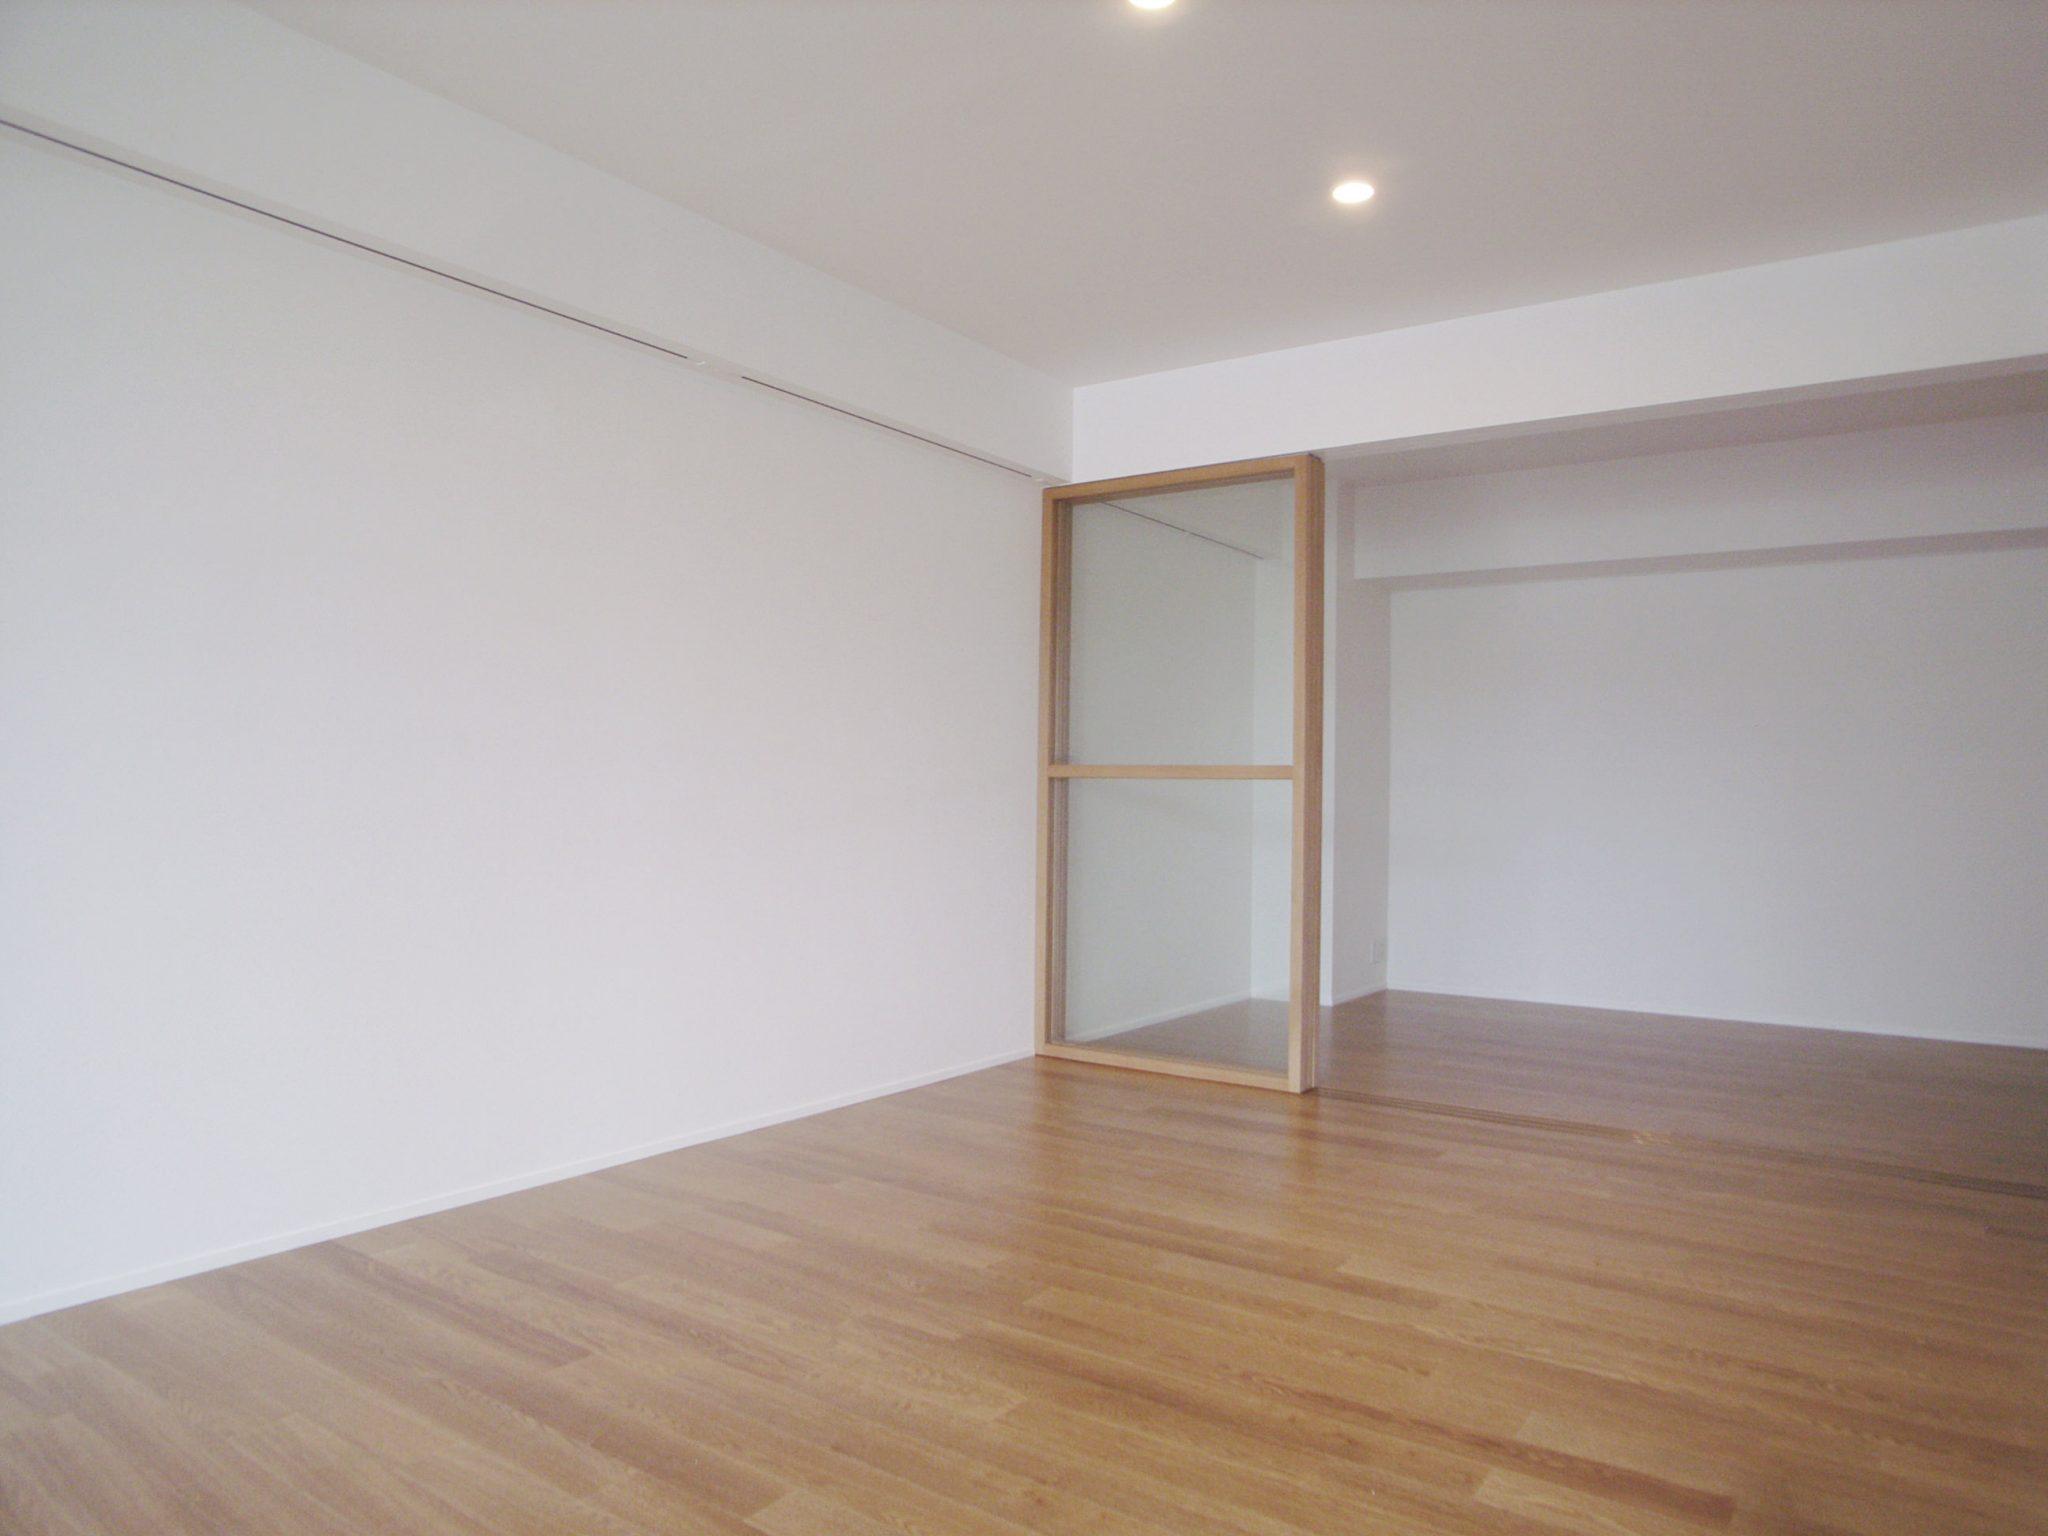 武蔵小杉の住戸 -リノベーション-|Residence in Musashikosugi by the renovation-10